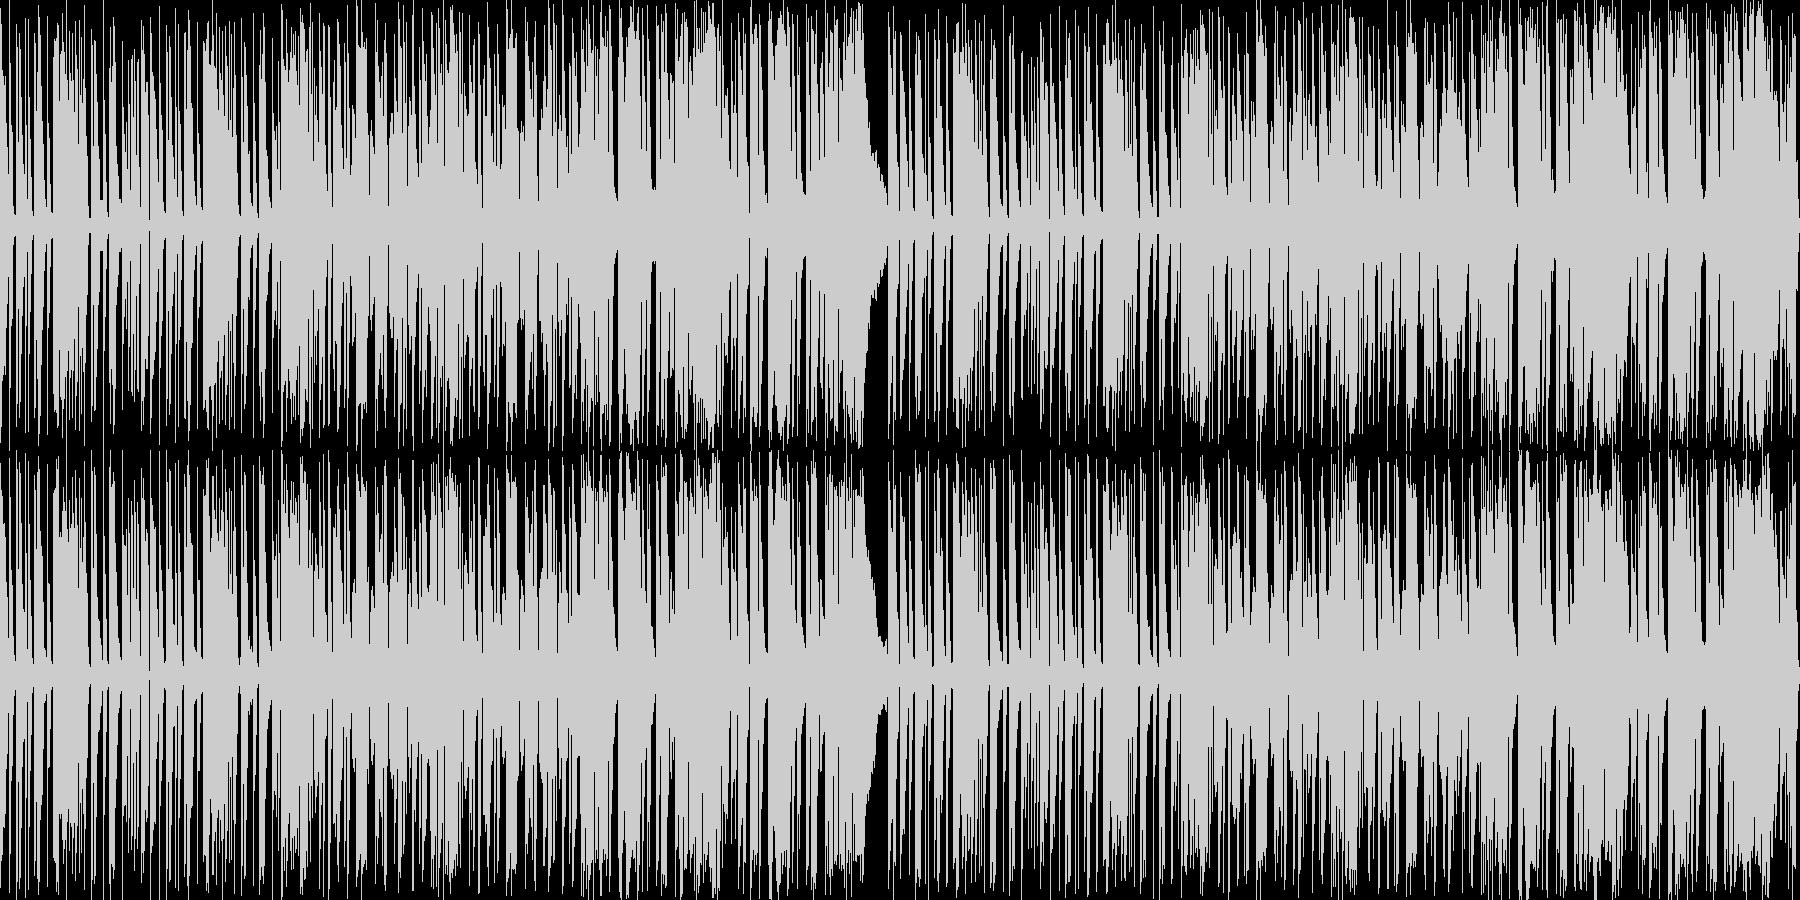 シンセ、ピアノ、電子パーカッション。ア…の未再生の波形